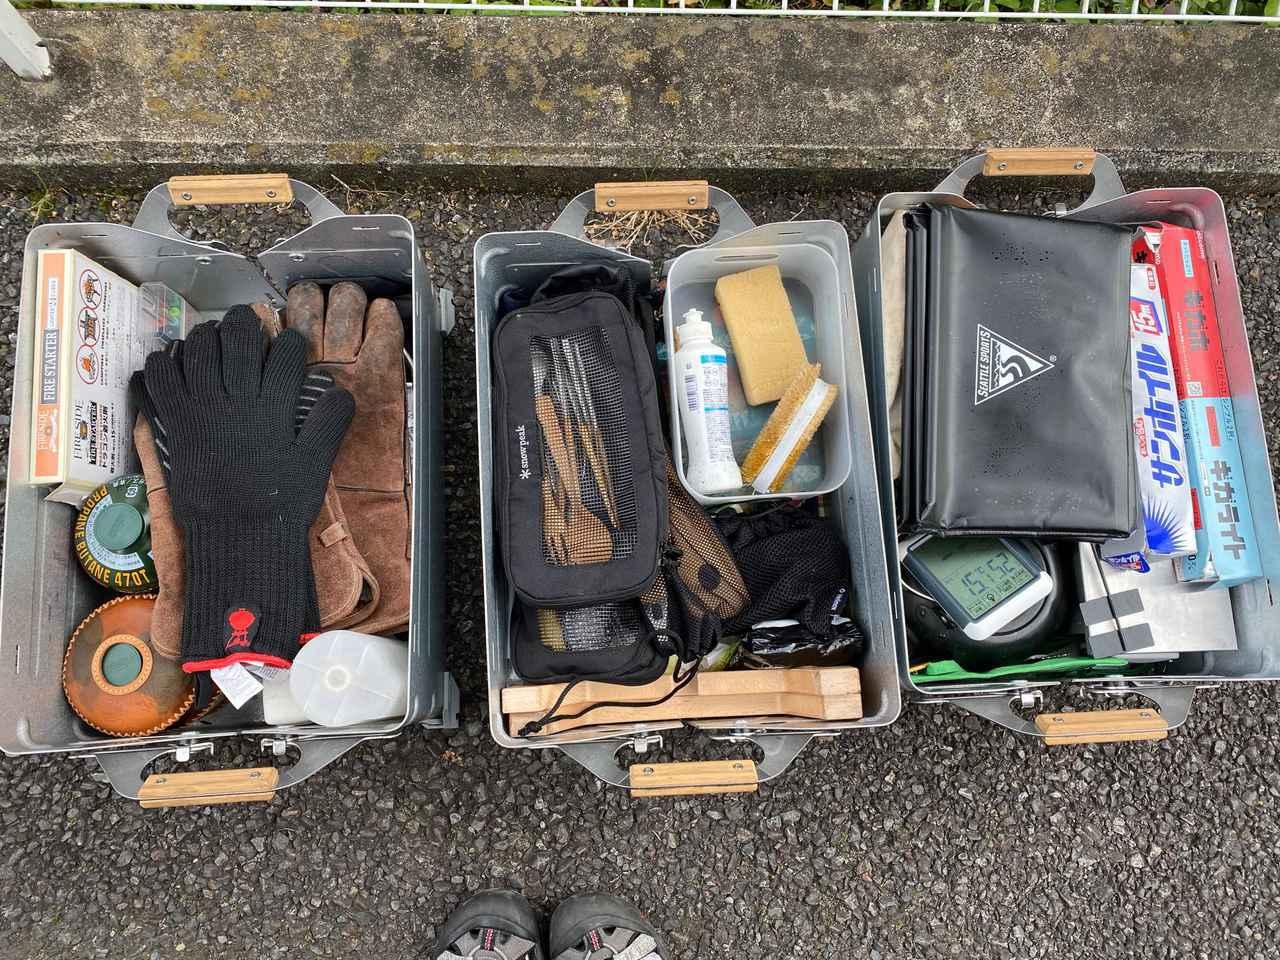 画像2: 5人家族キャンプの収納&積載のコツ! スノーピークのシェルフコンテナが優秀 収納テクをご紹介 - ハピキャン(HAPPY CAMPER)